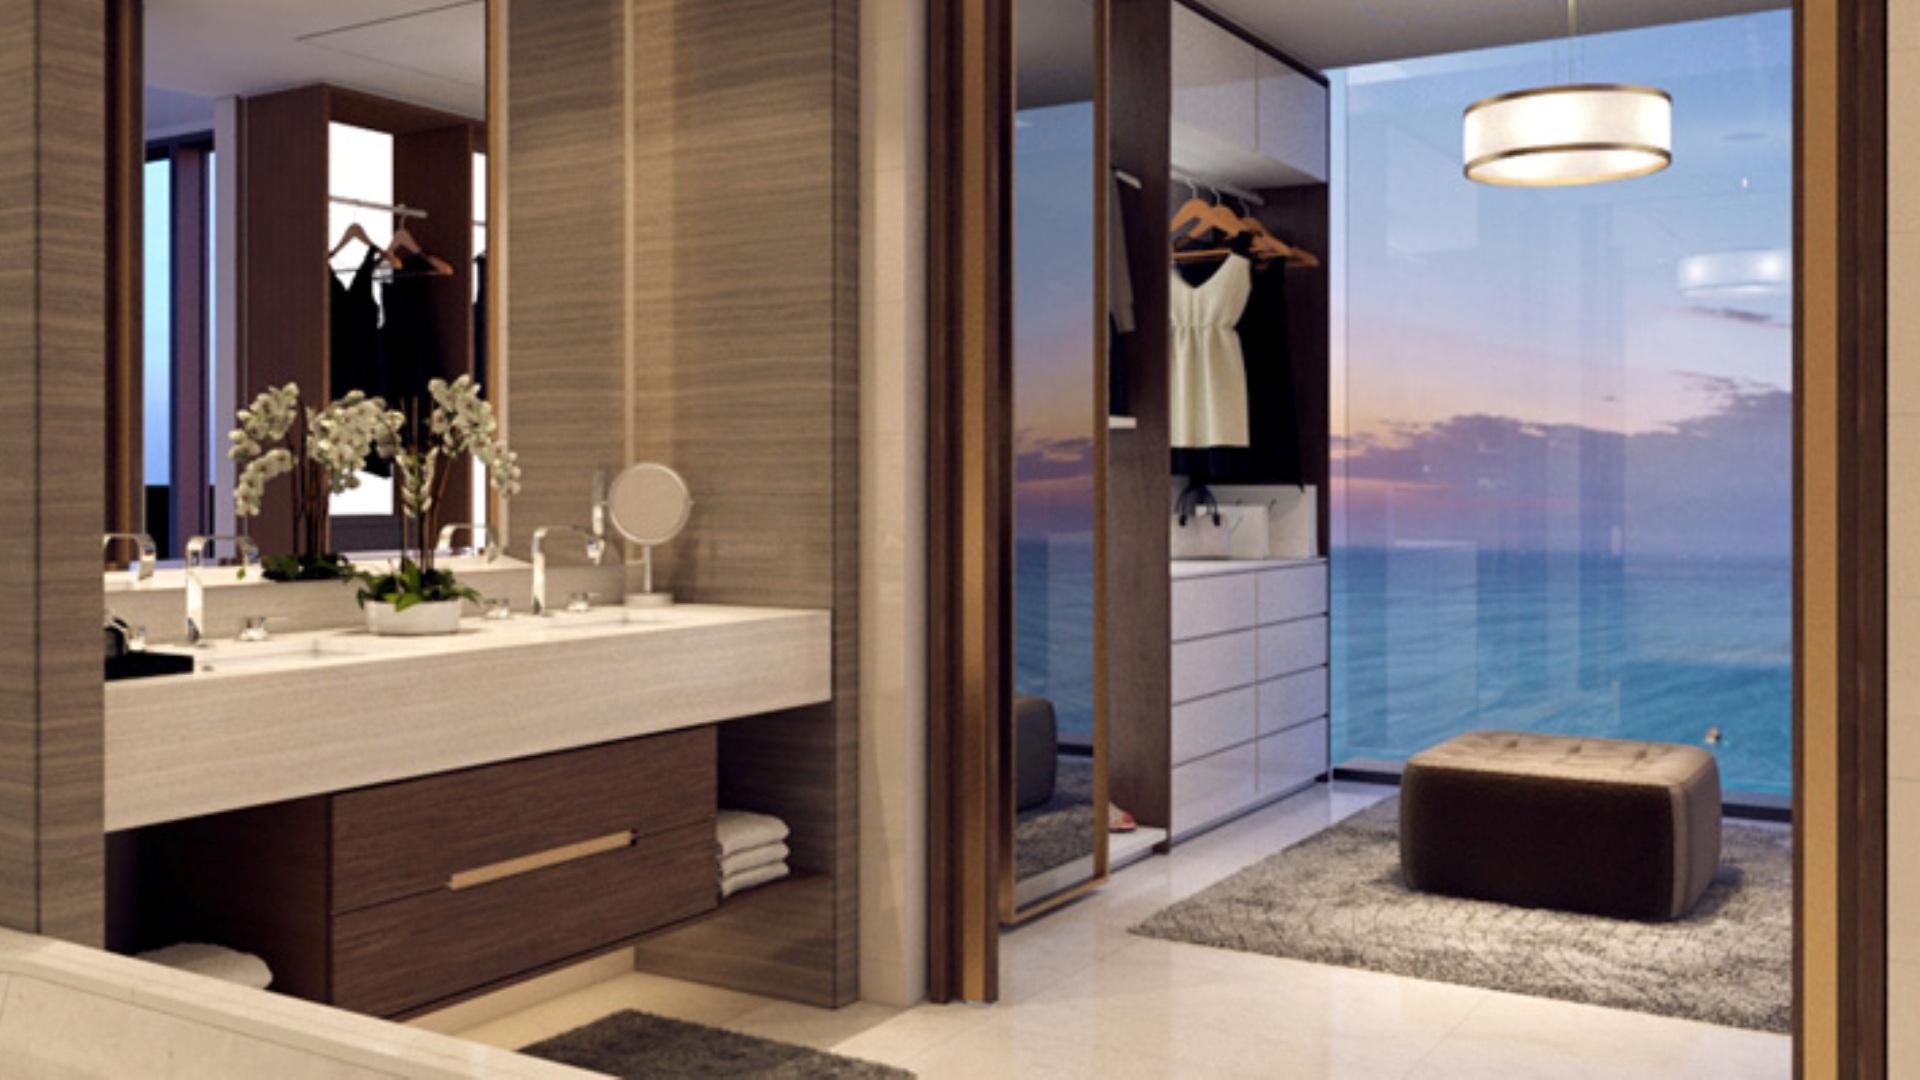 Apartment for sale in Dubai, UAE, 1 bedroom, 65 m2, No. 24217 – photo 2